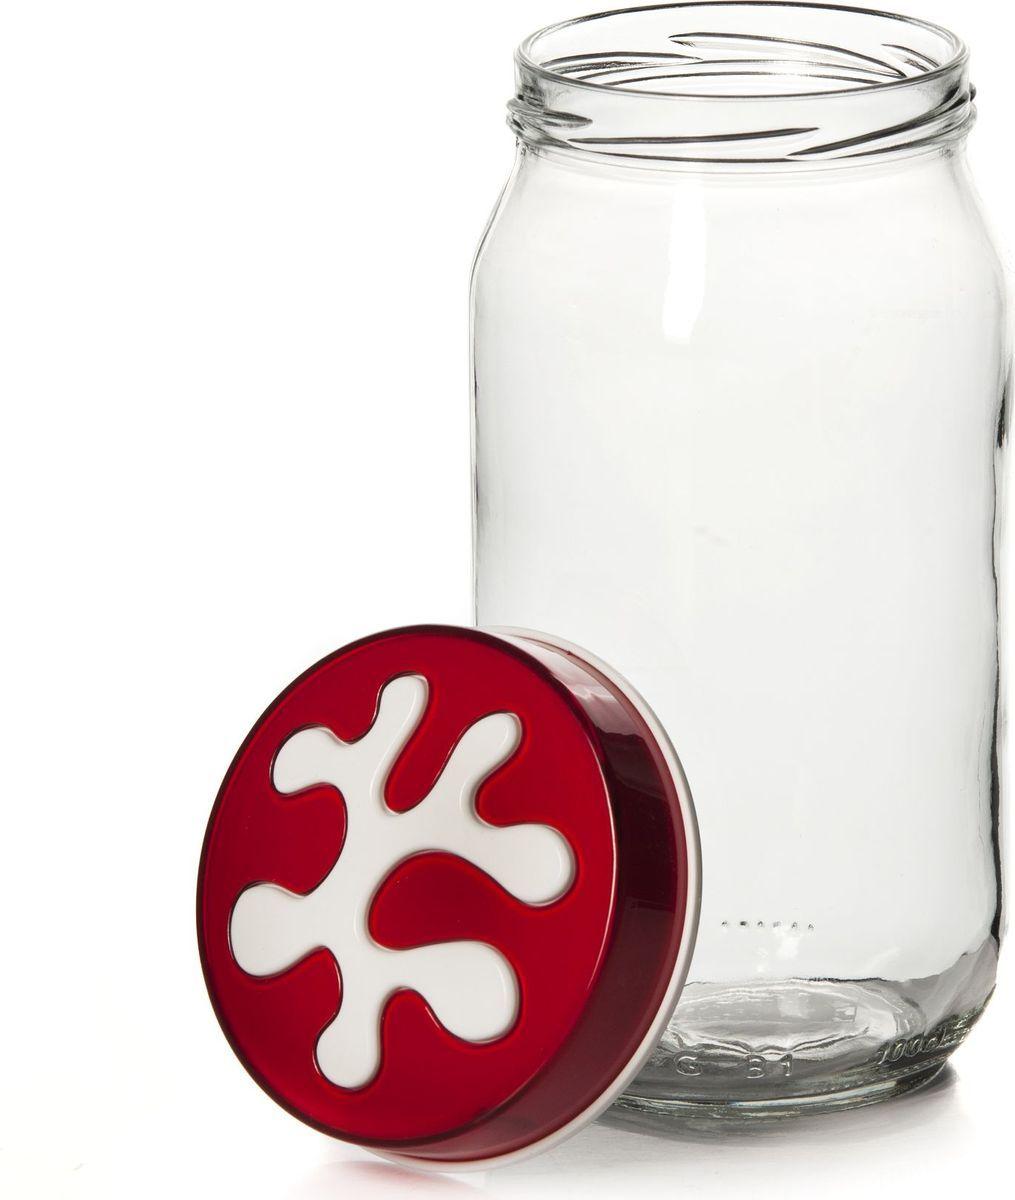 Банка для сыпучих продуктов Herevin, 1 л. 135377-205VT-1520(SR)Банка для сыпучих продуктов Herevin выполнена из высококачественного прочного стекла. Изделие снабжено плотно закручивающейся пластиковой крышкой с рельефным узором. Прозрачные стенки позволяют видеть содержимое. Такая банка отлично подойдет для хранения различных сыпучих продуктов: орехов, сухофруктов, чая, кофе, специй. Диаметр банки: 9 см. Высота банки: 18 см.